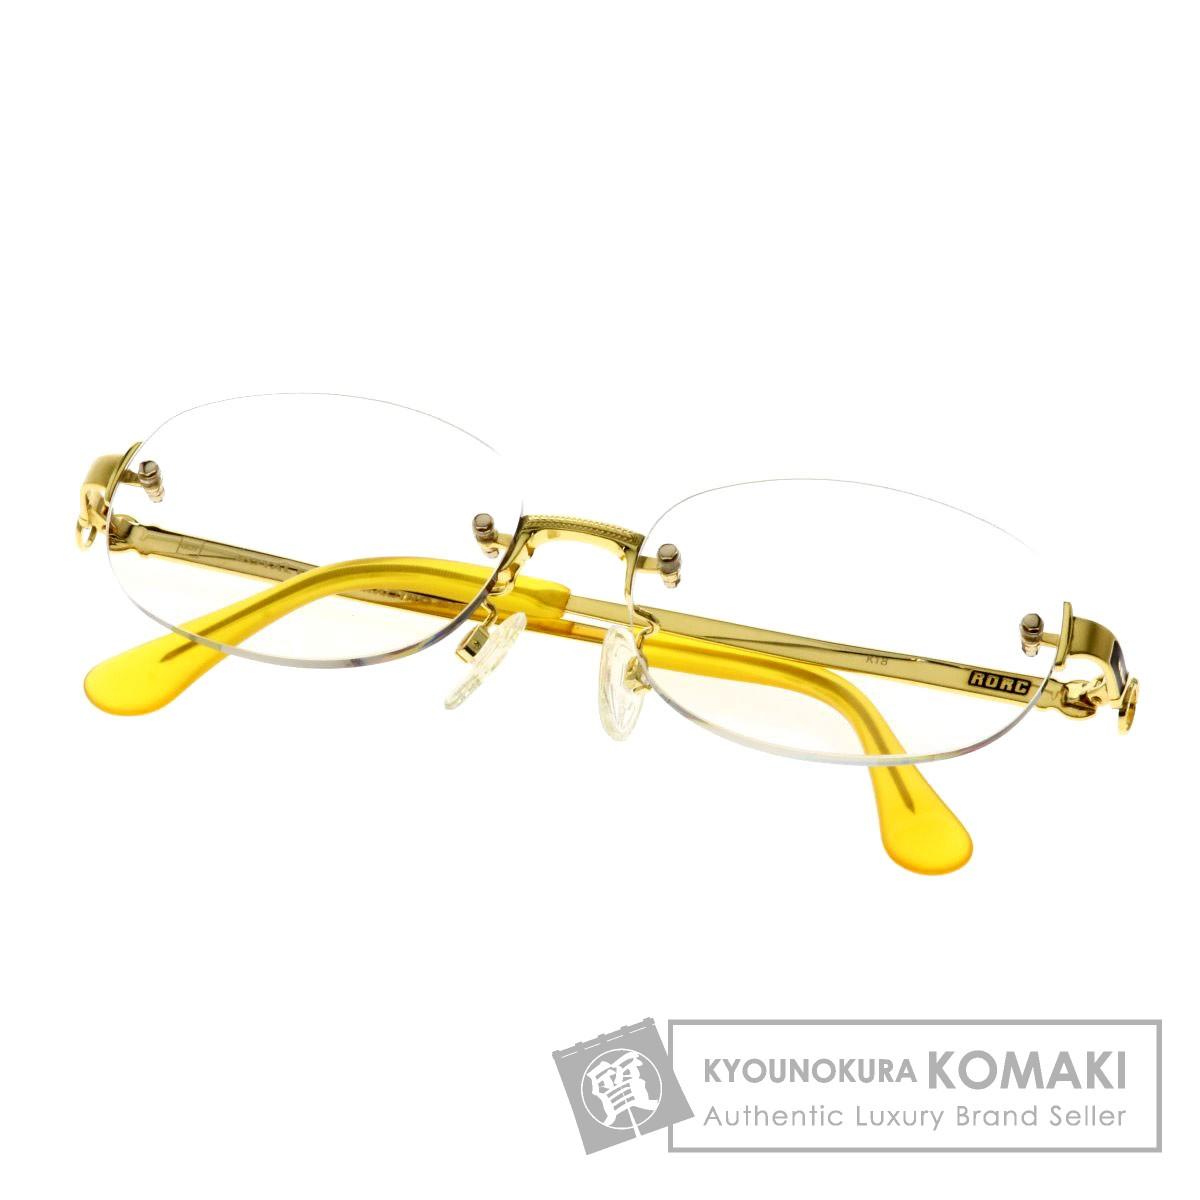 セレクトバッグ RORC 眼鏡 メガネ 度入り 眼鏡 K18イエローゴールド ユニセックス 【中古】【SELECT BAG】